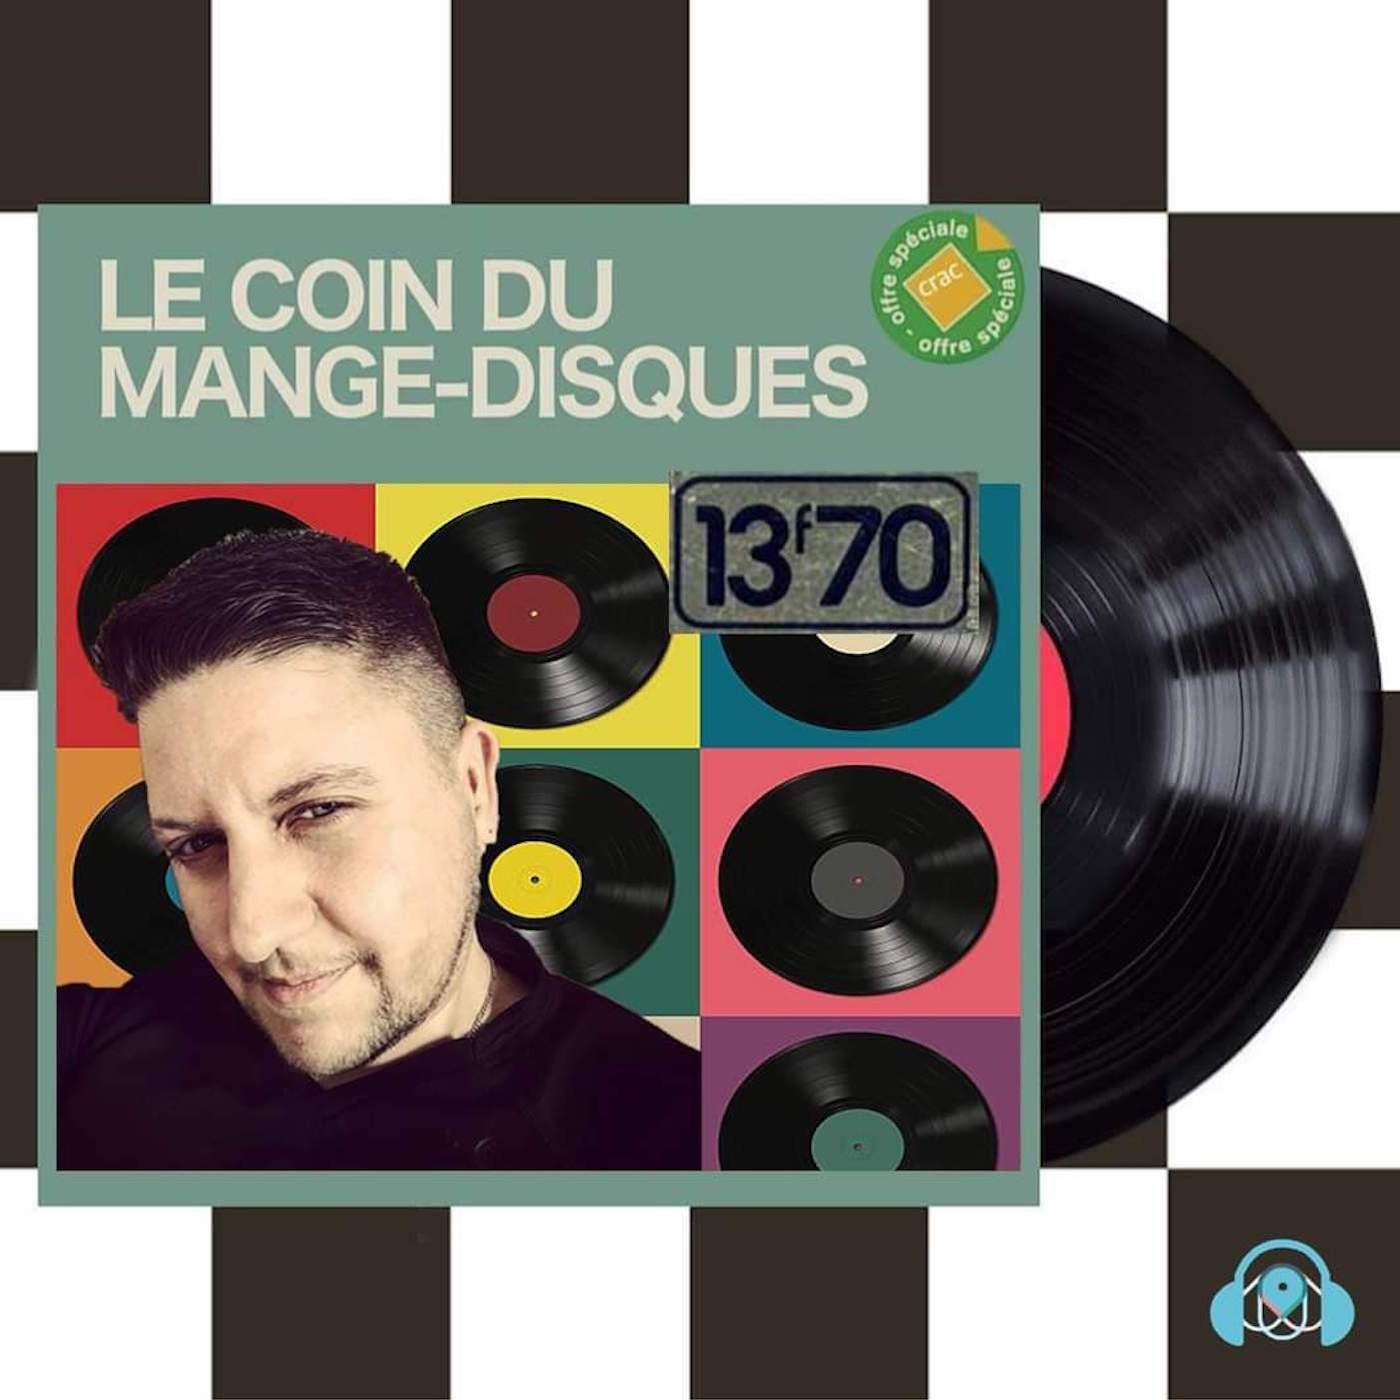 LE COIN DU MANGE-DISQUES S1E9 - To Love